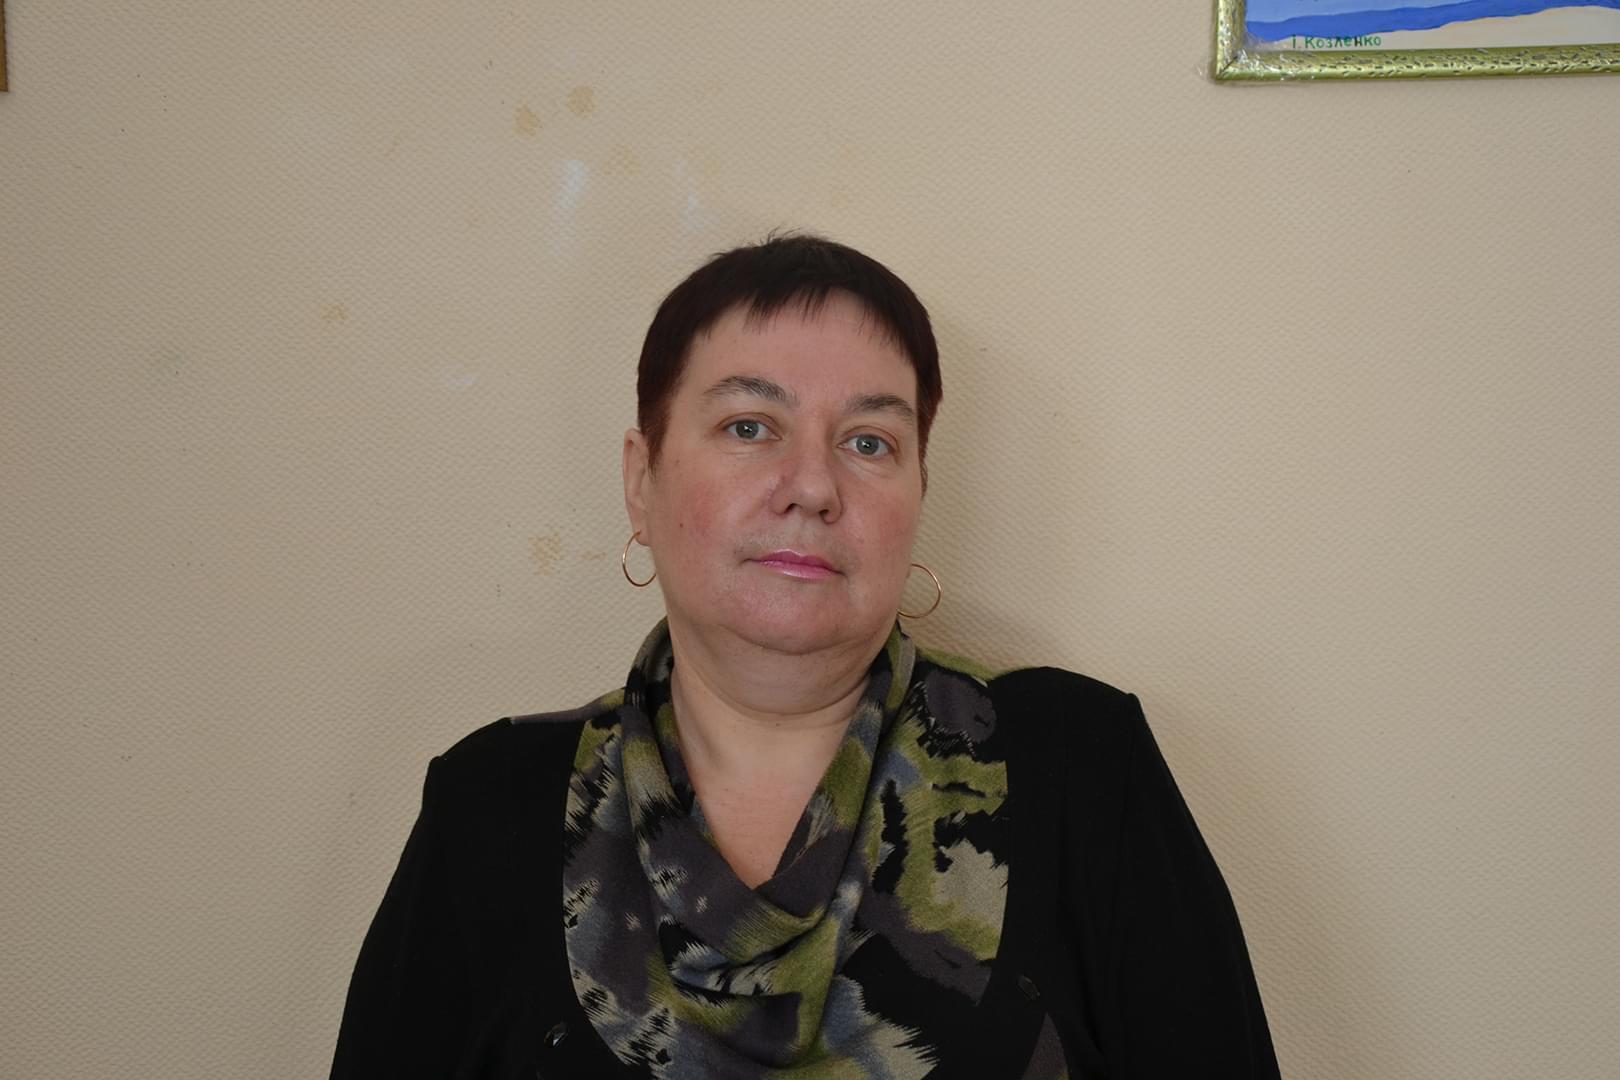 Їм потрібна допомога - Олексієнко Тетяна Броніславівна | Фонд Інна